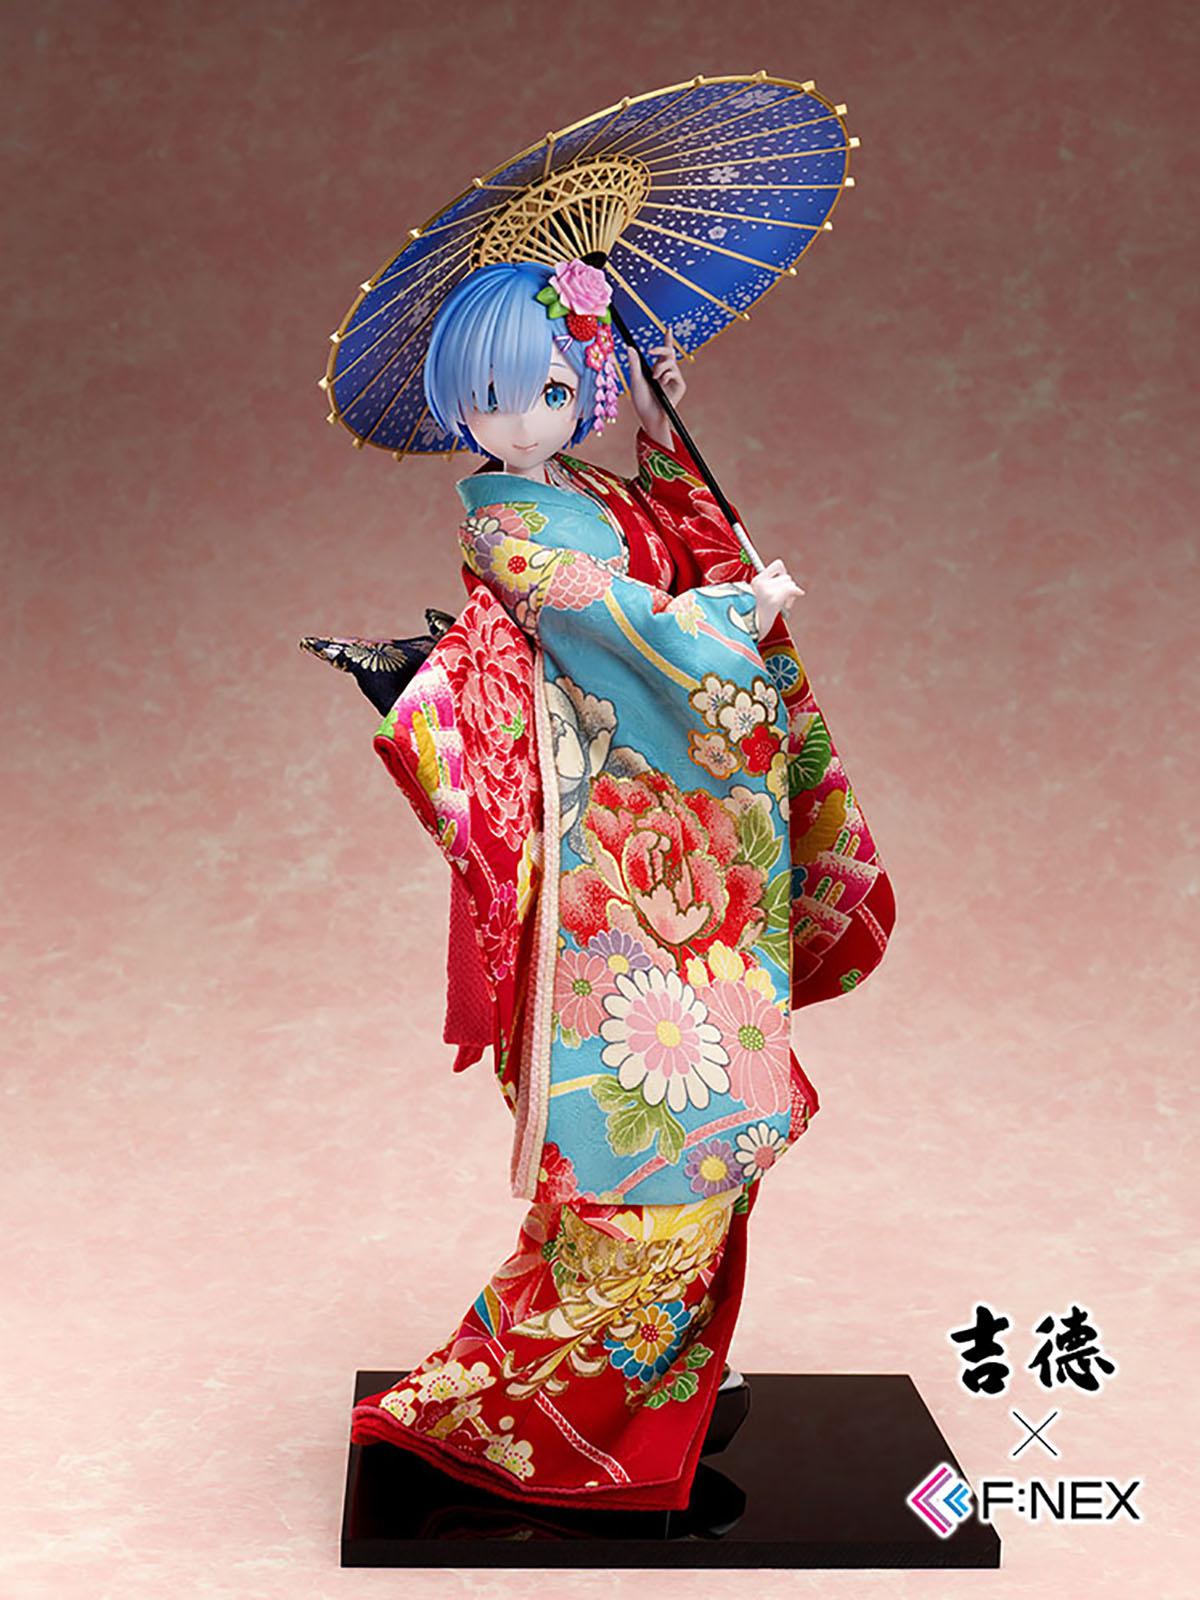 吉徳×F:NEX『レム -日本人形-』Re:ゼロから始める異世界生活 1/4 美少女フィギュア-002